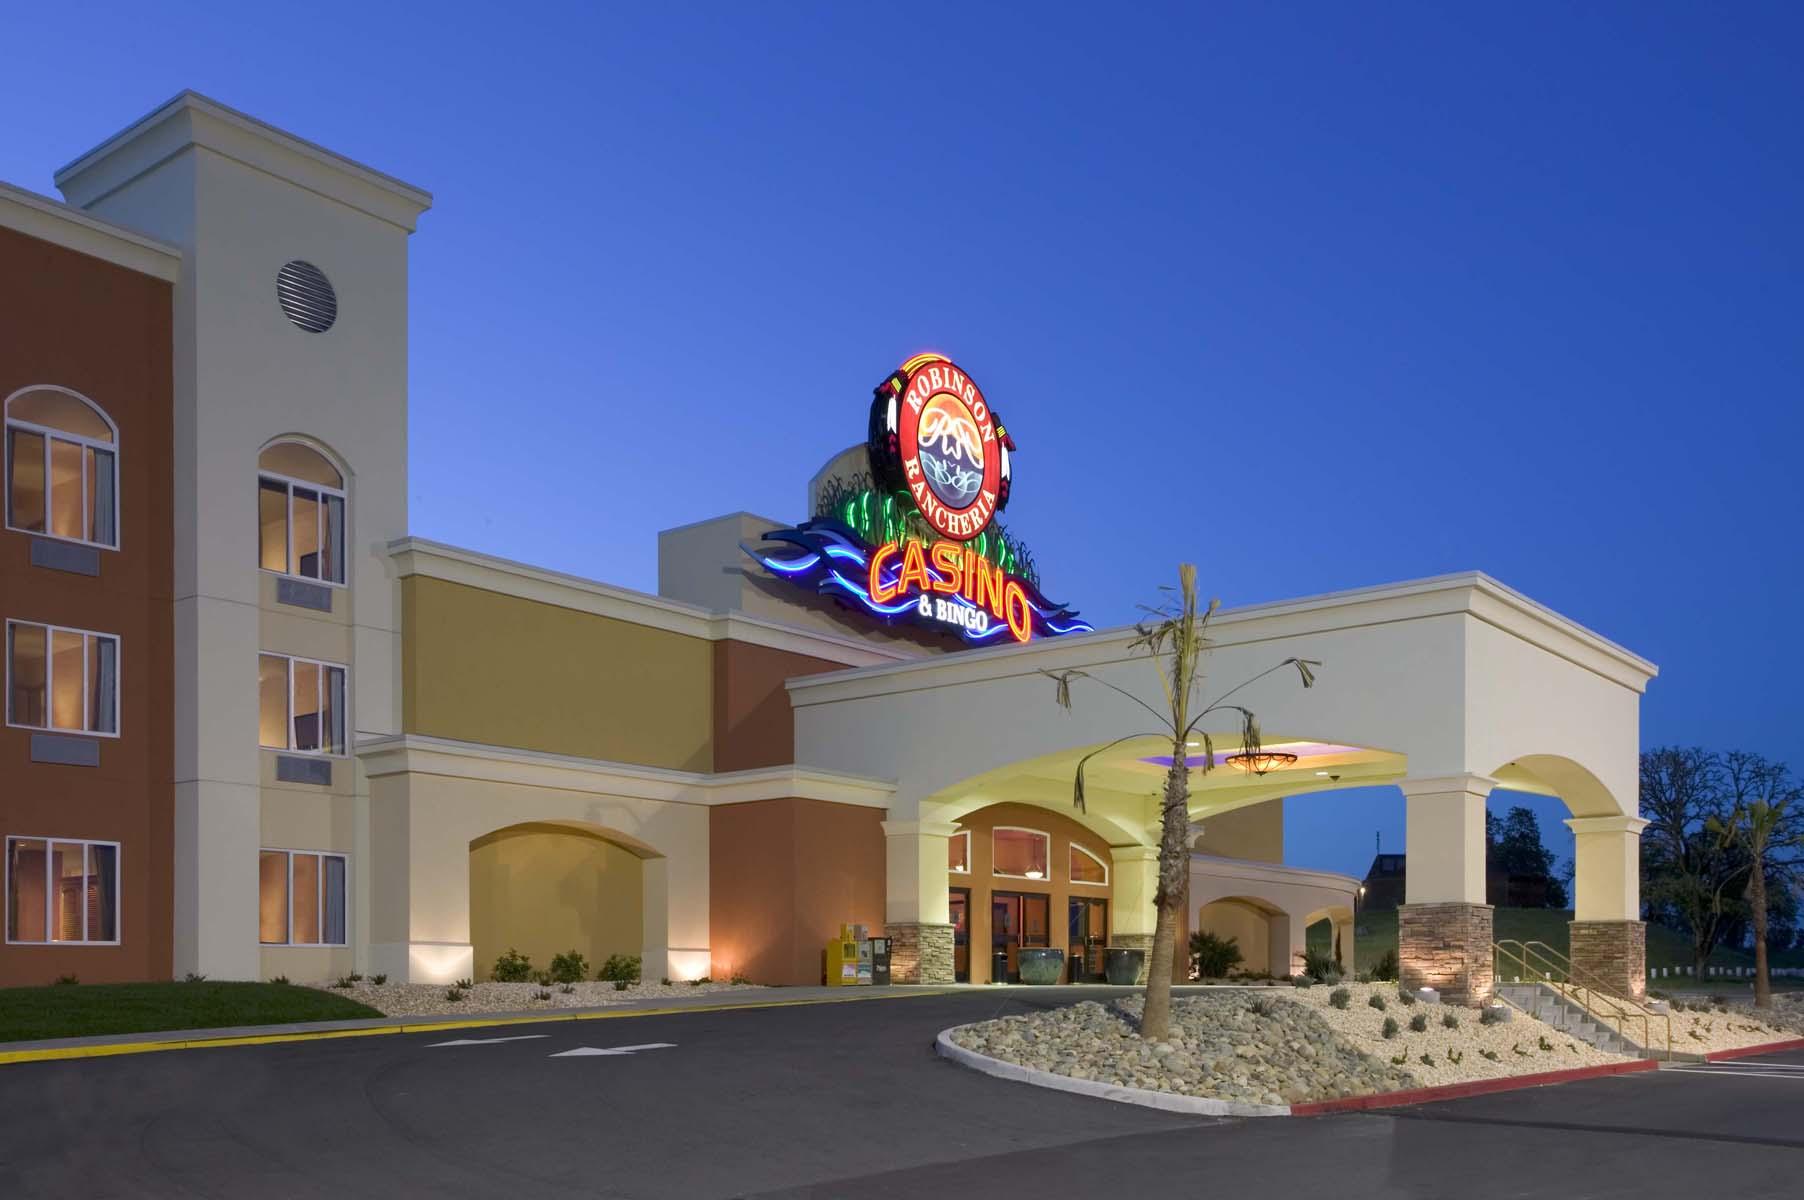 Lone butte casino map casino gaming rules 1999